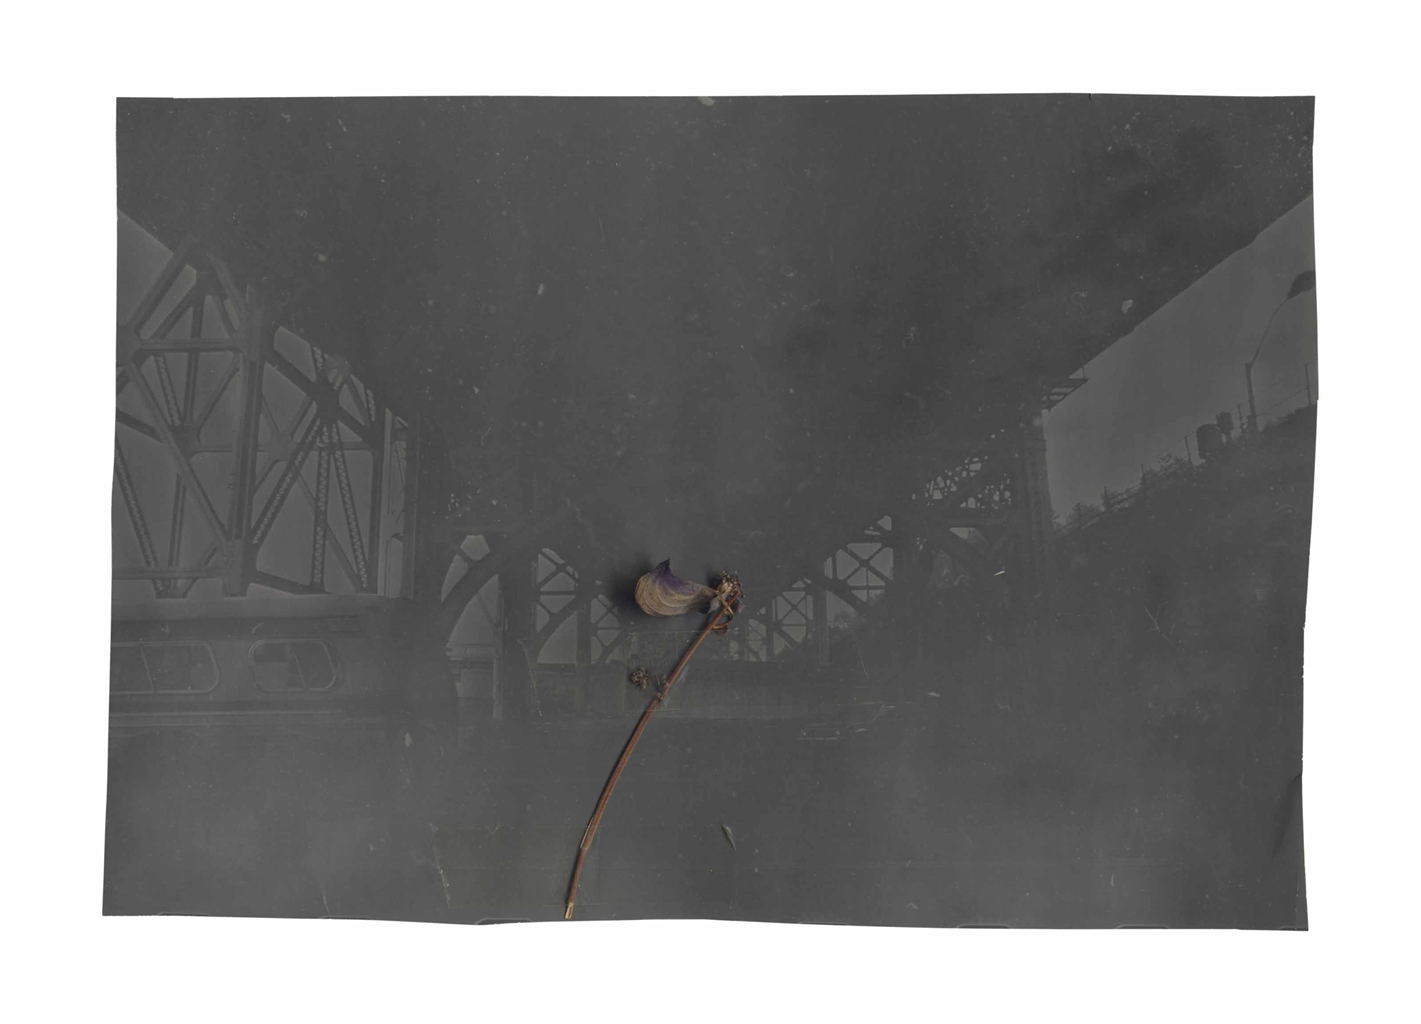 Anselm Kiefer-Ohne Titel (Stahlkonstruktion mit Pflanzenstengel) (Untitled (Steel Construction with Plant Stem))-1970